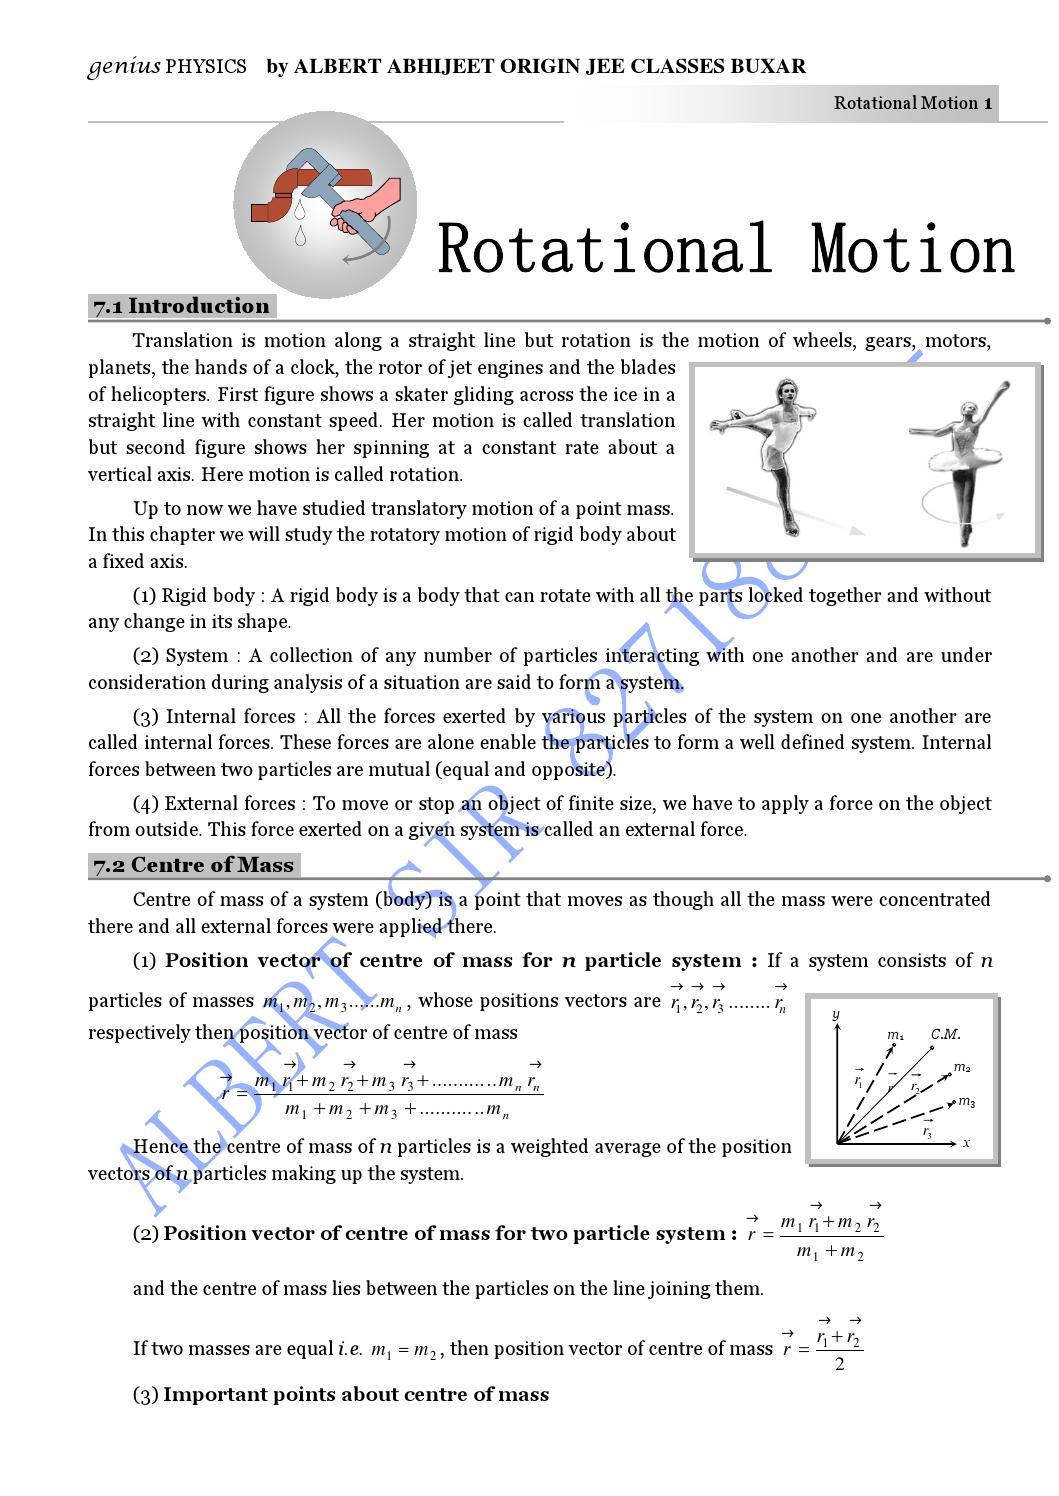 Iit Physics Ka Rambaan By Albert Abhijeet Buxar Ka